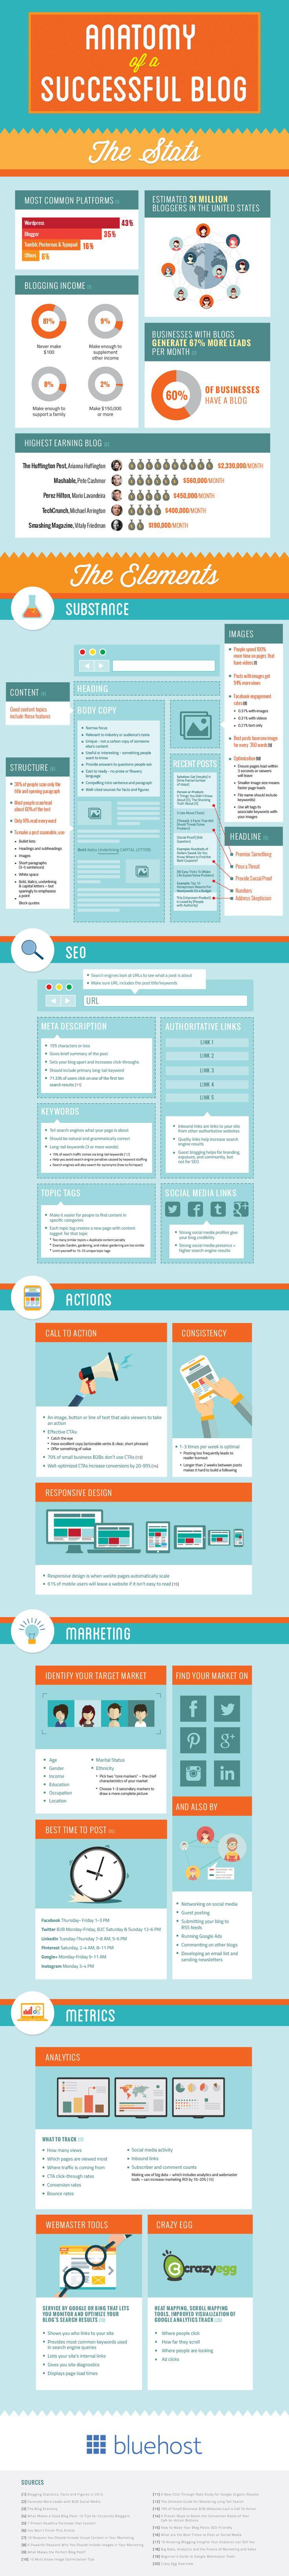 281 best Social Media (Inglés) images on Pinterest | Social networks ...